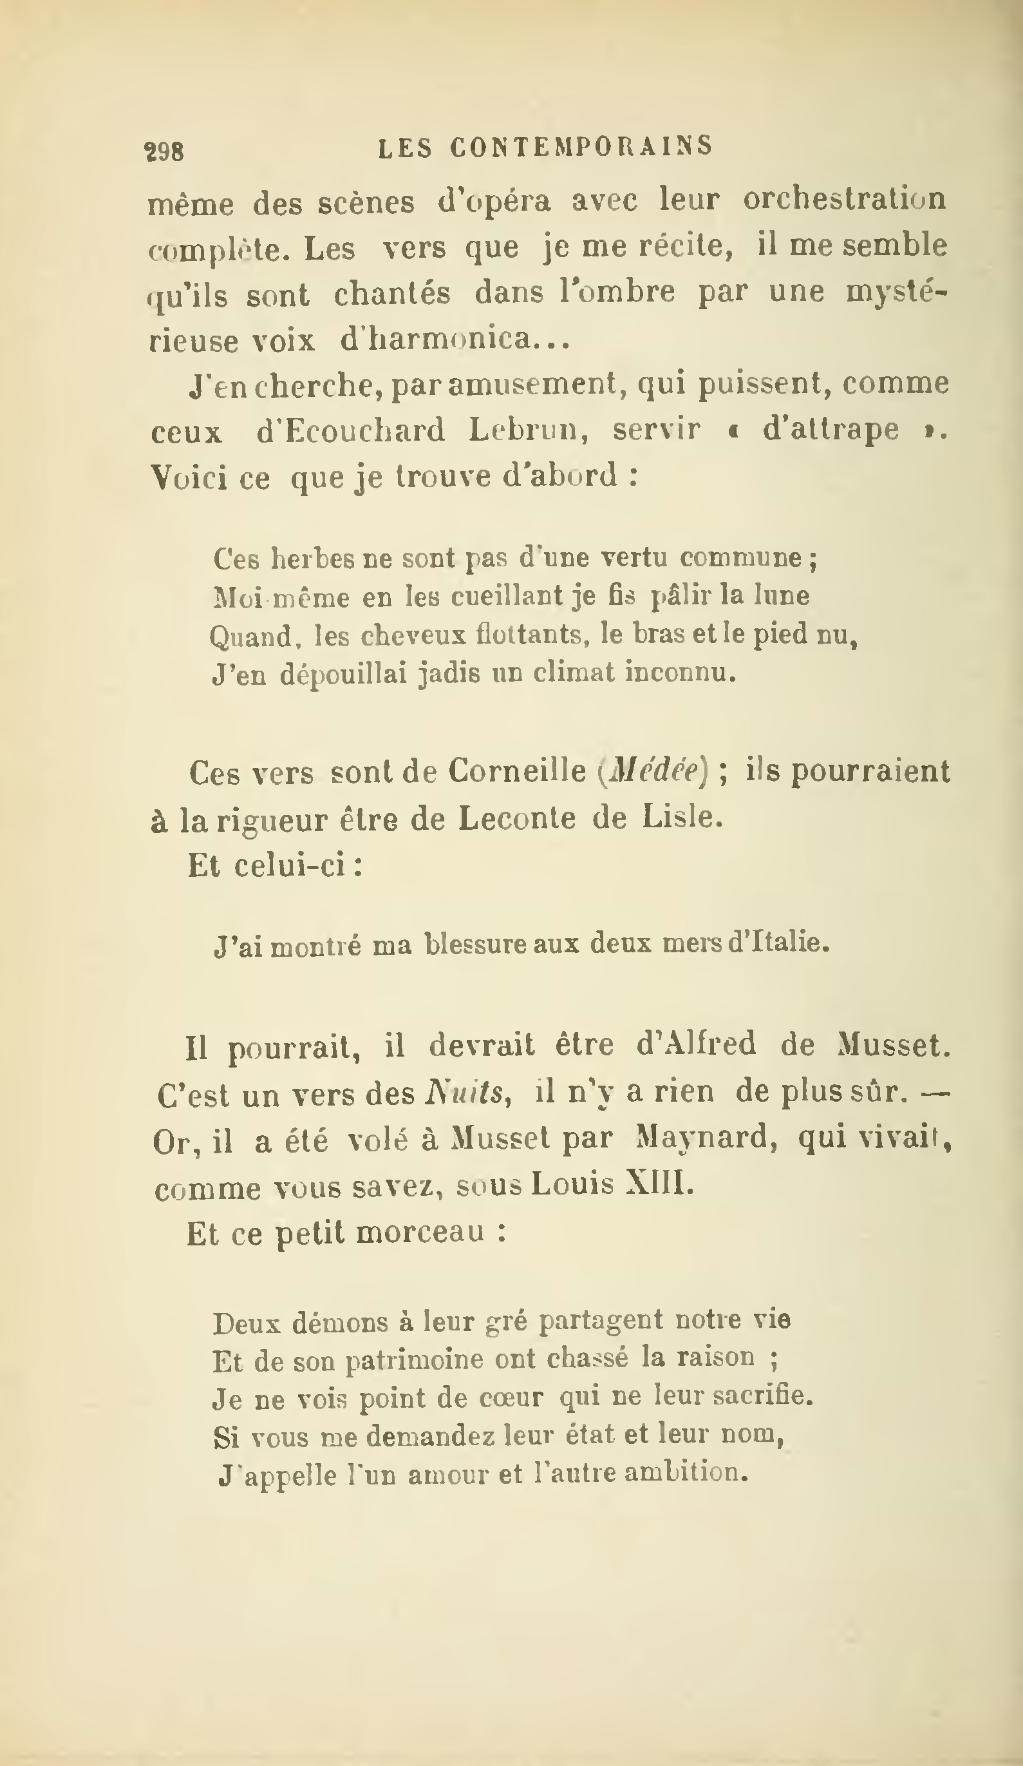 dissertation alfred de musset nuit de mai Alfred de musset dans « nuit de mai » une dissertation se fait toujours en trois parties : une qui va soutenir le sujet, la seconde y verra les faiblesses de.